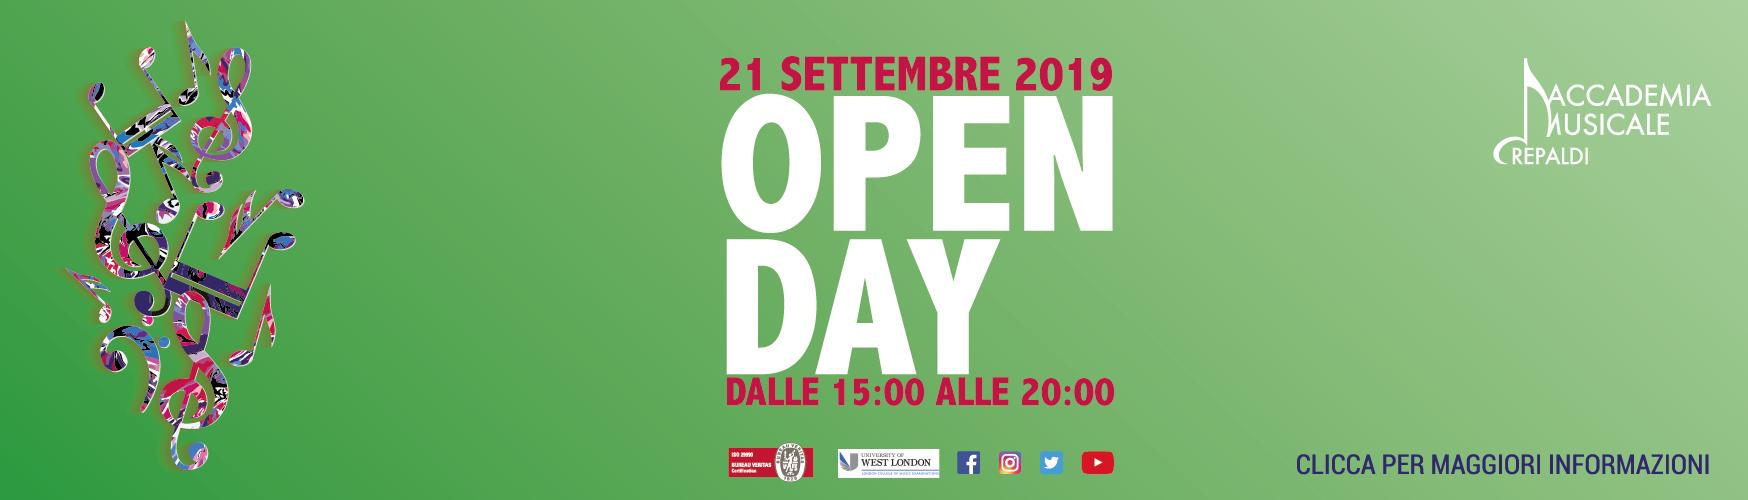 Accademia Musicale Crepaldi - OPEN DAY 2 2019/2020